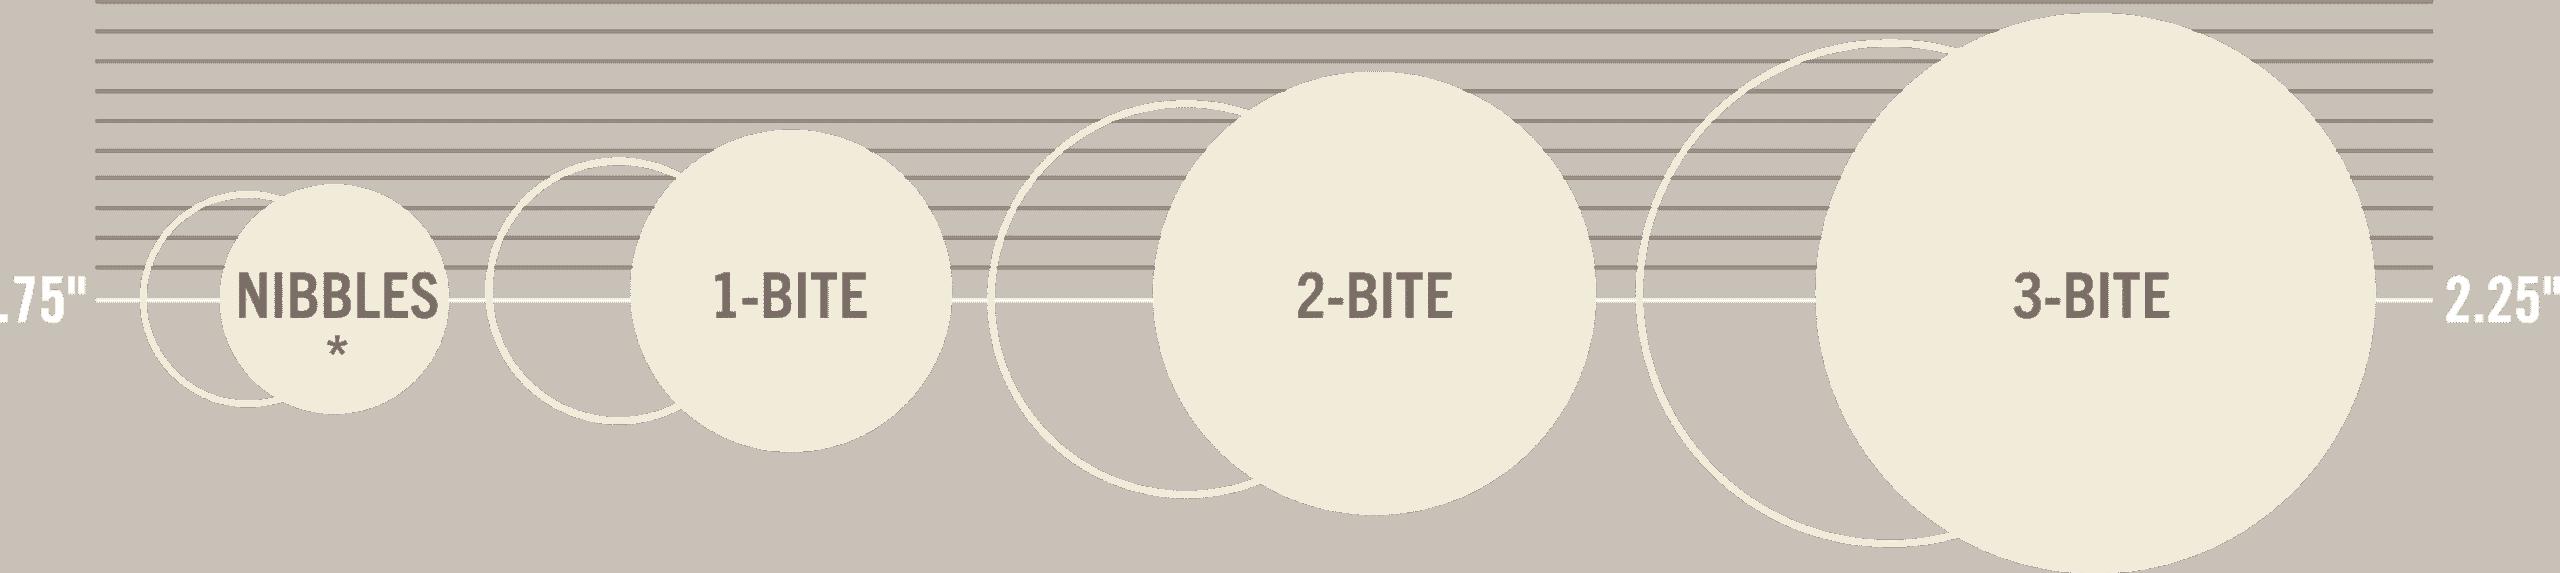 Bite size graphic